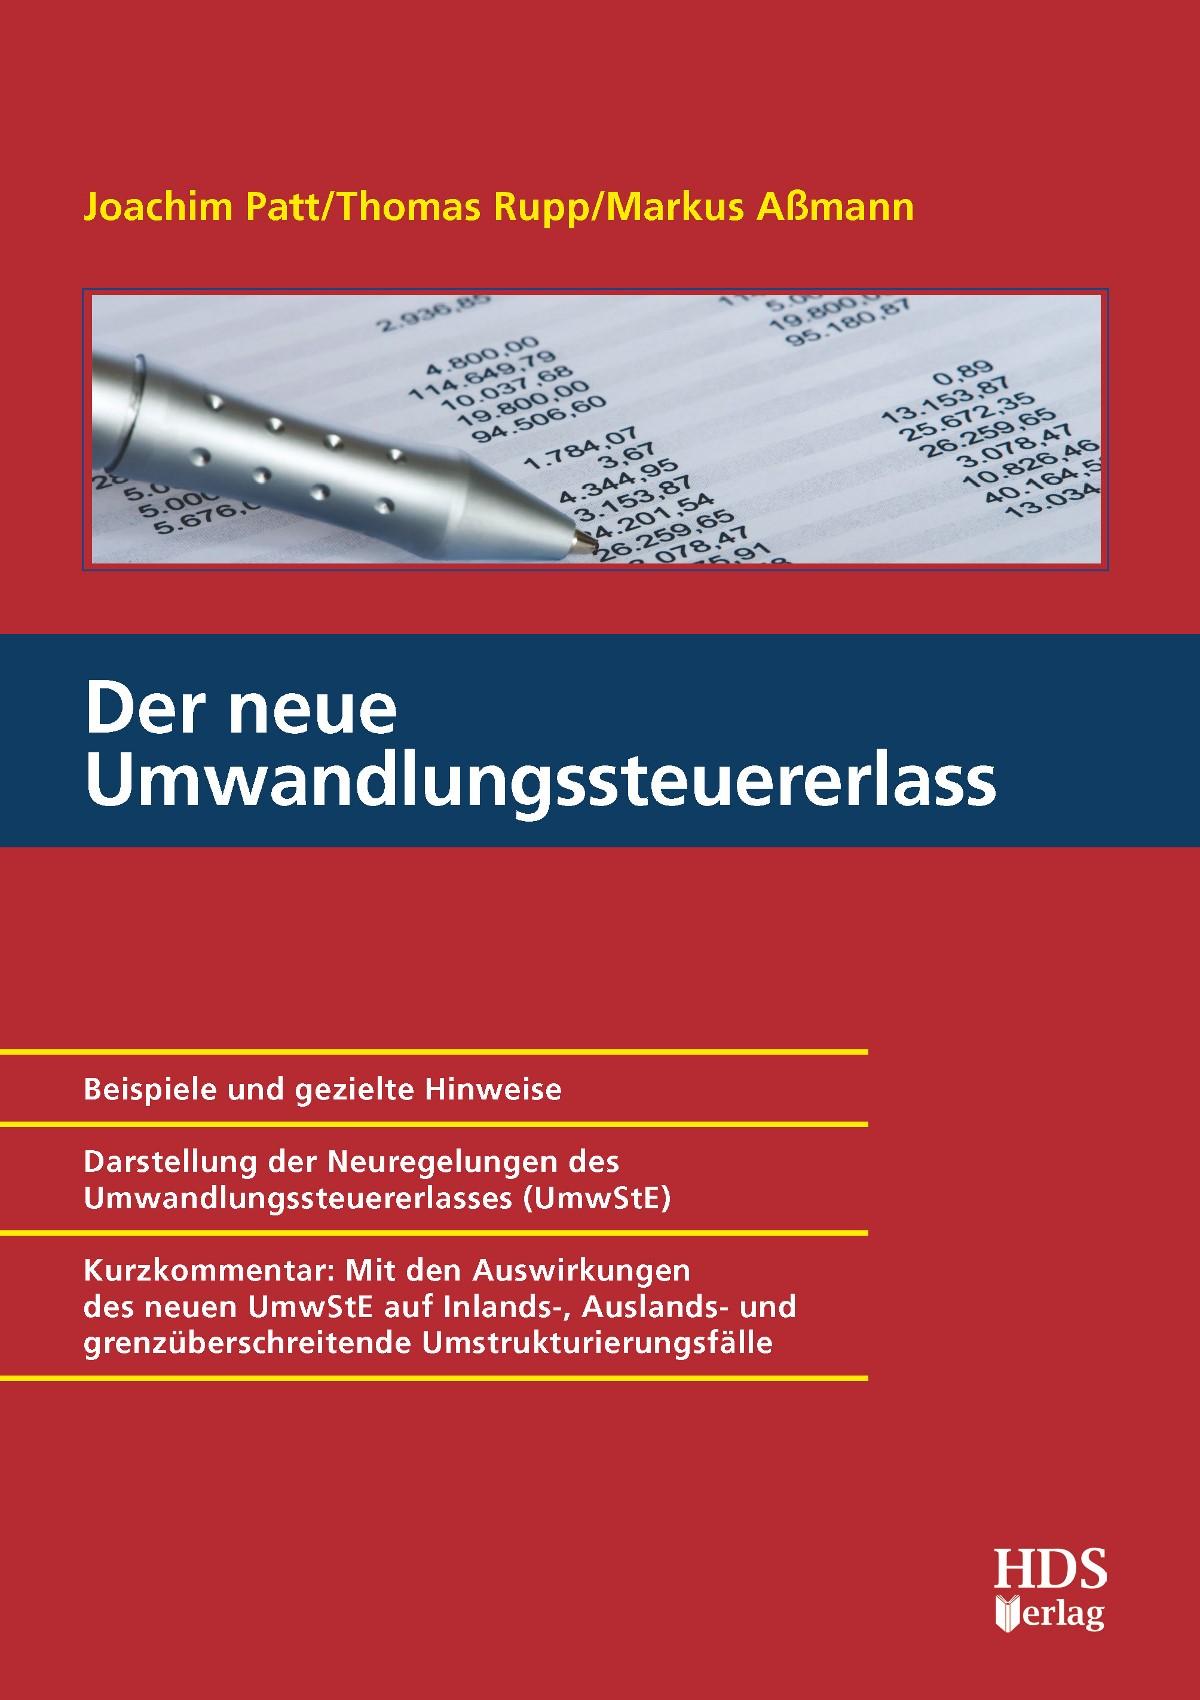 Der neue Umwandlungssteuererlass | Patt / Rupp / Aßmann, 2011 | Buch (Cover)